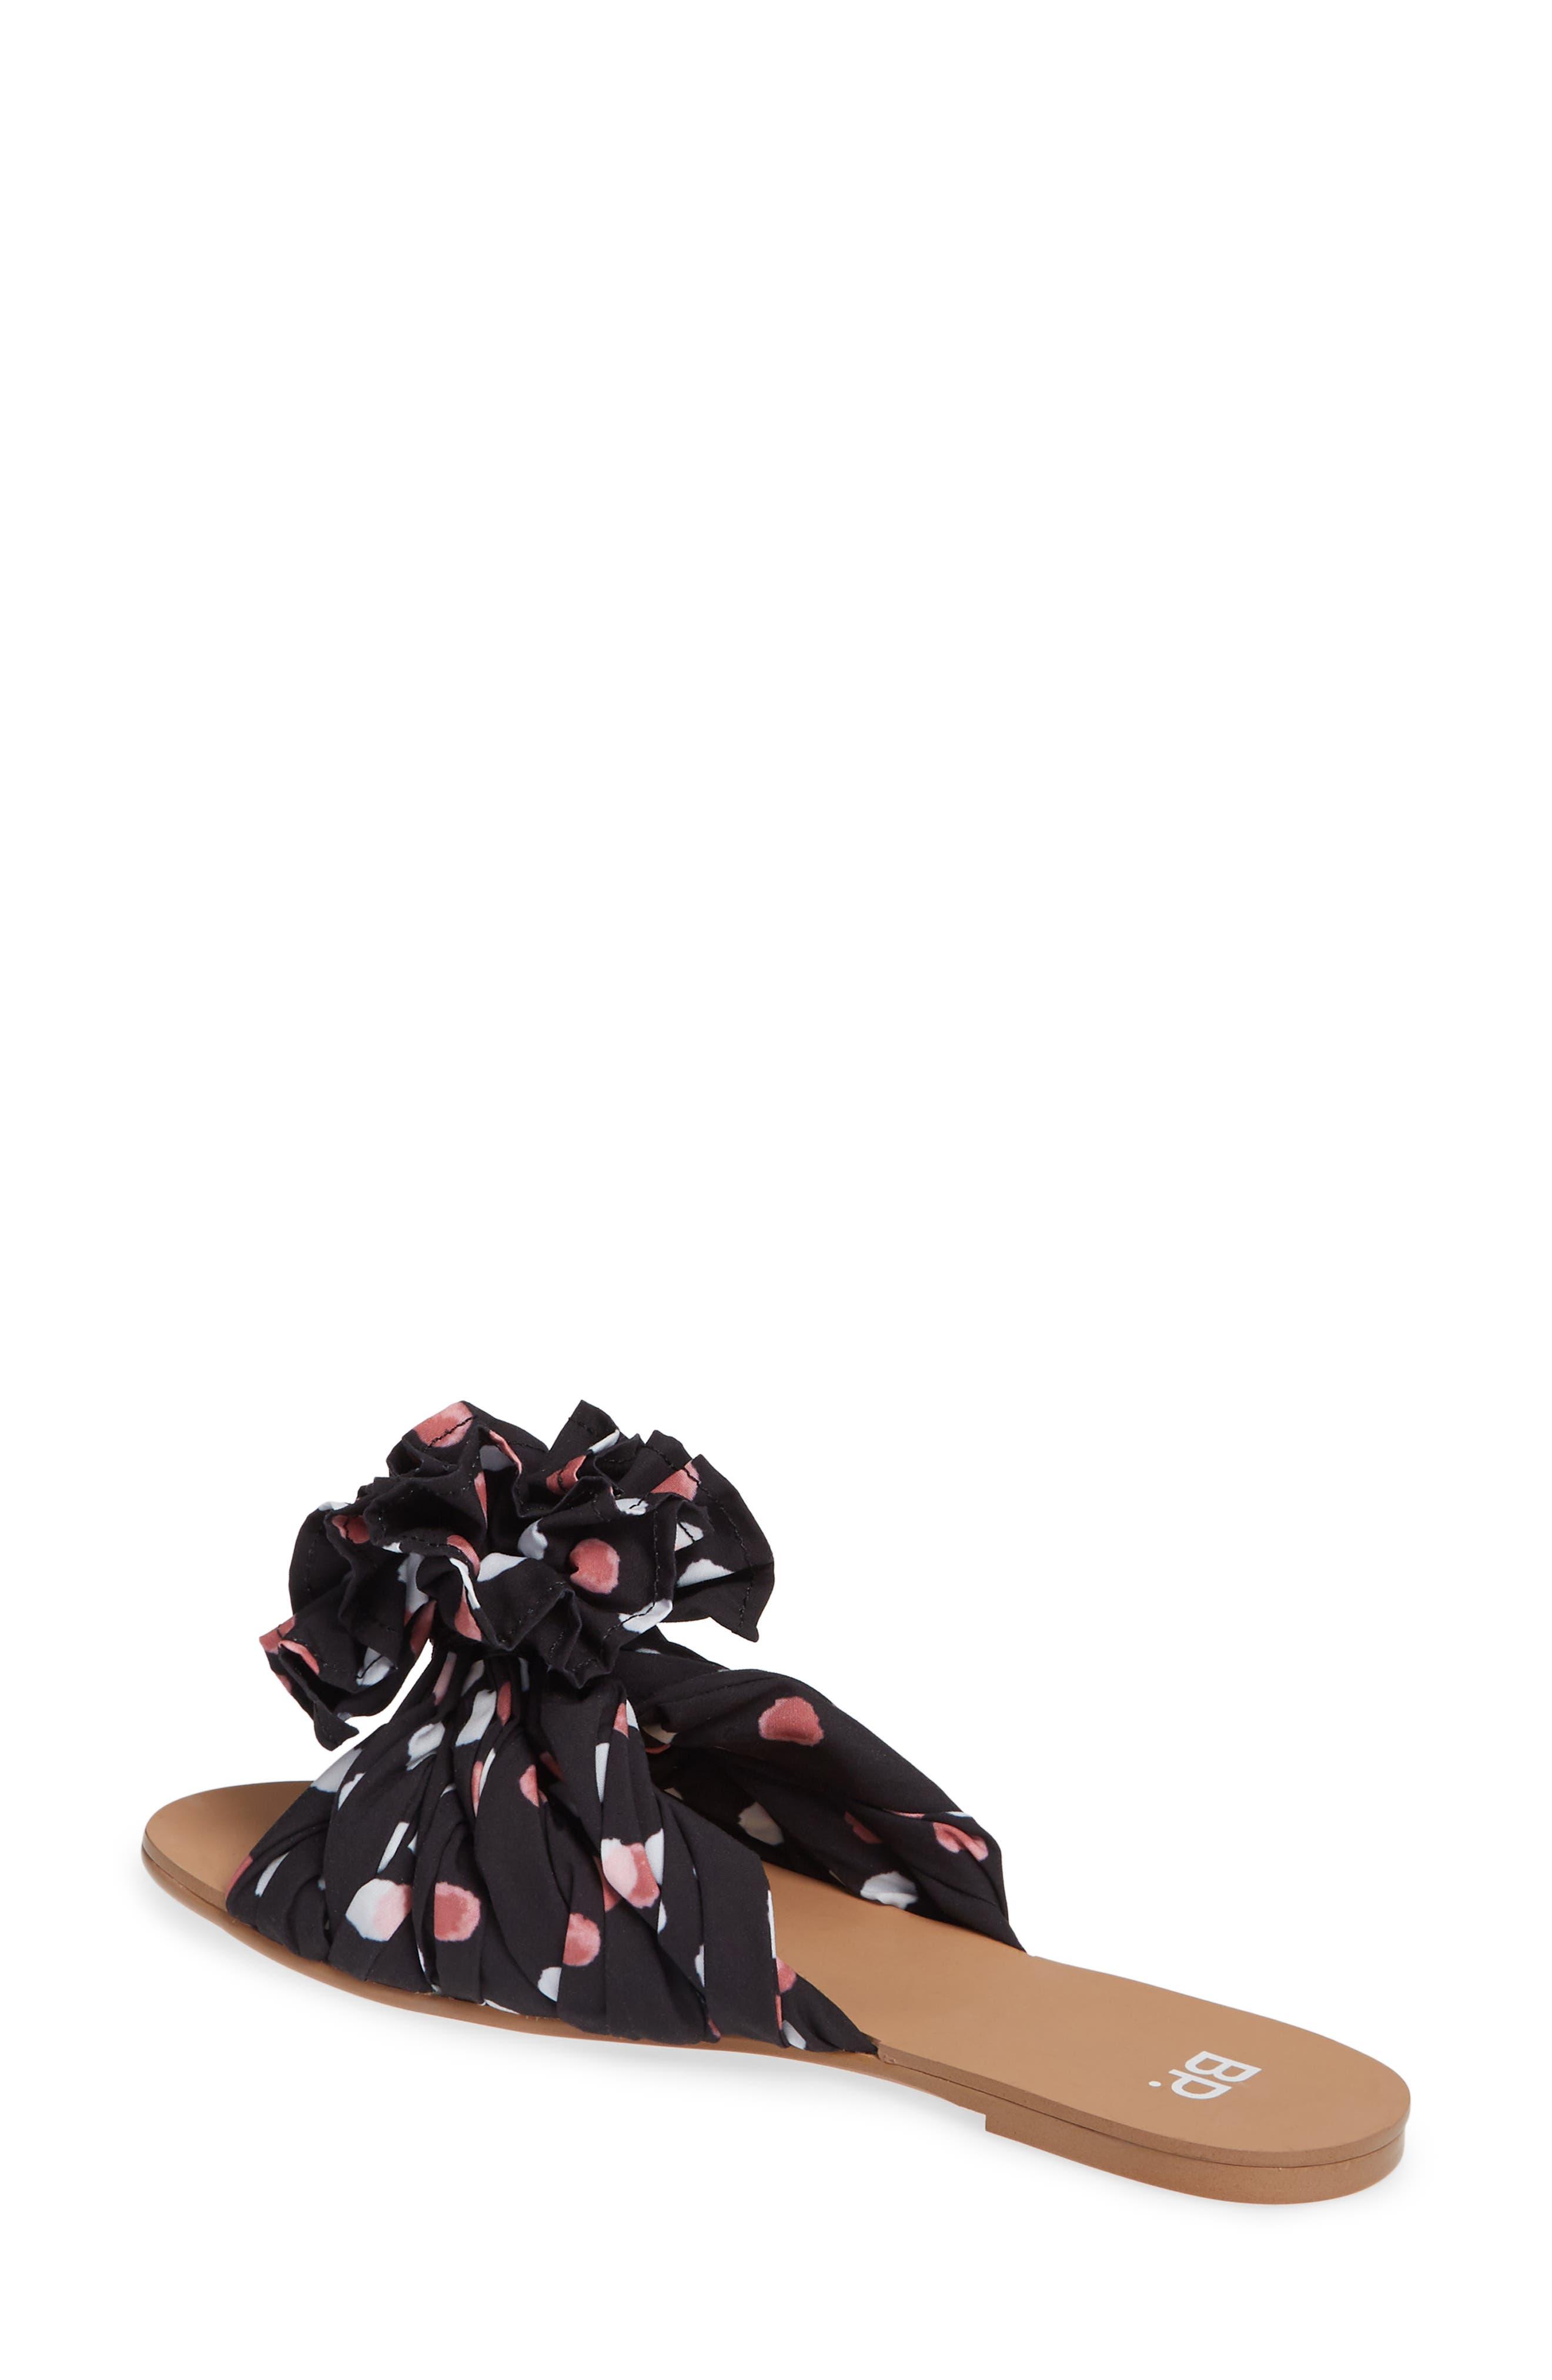 BP., Ruby Slide Sandal, Alternate thumbnail 2, color, BLACK POLKA DOT FABRIC